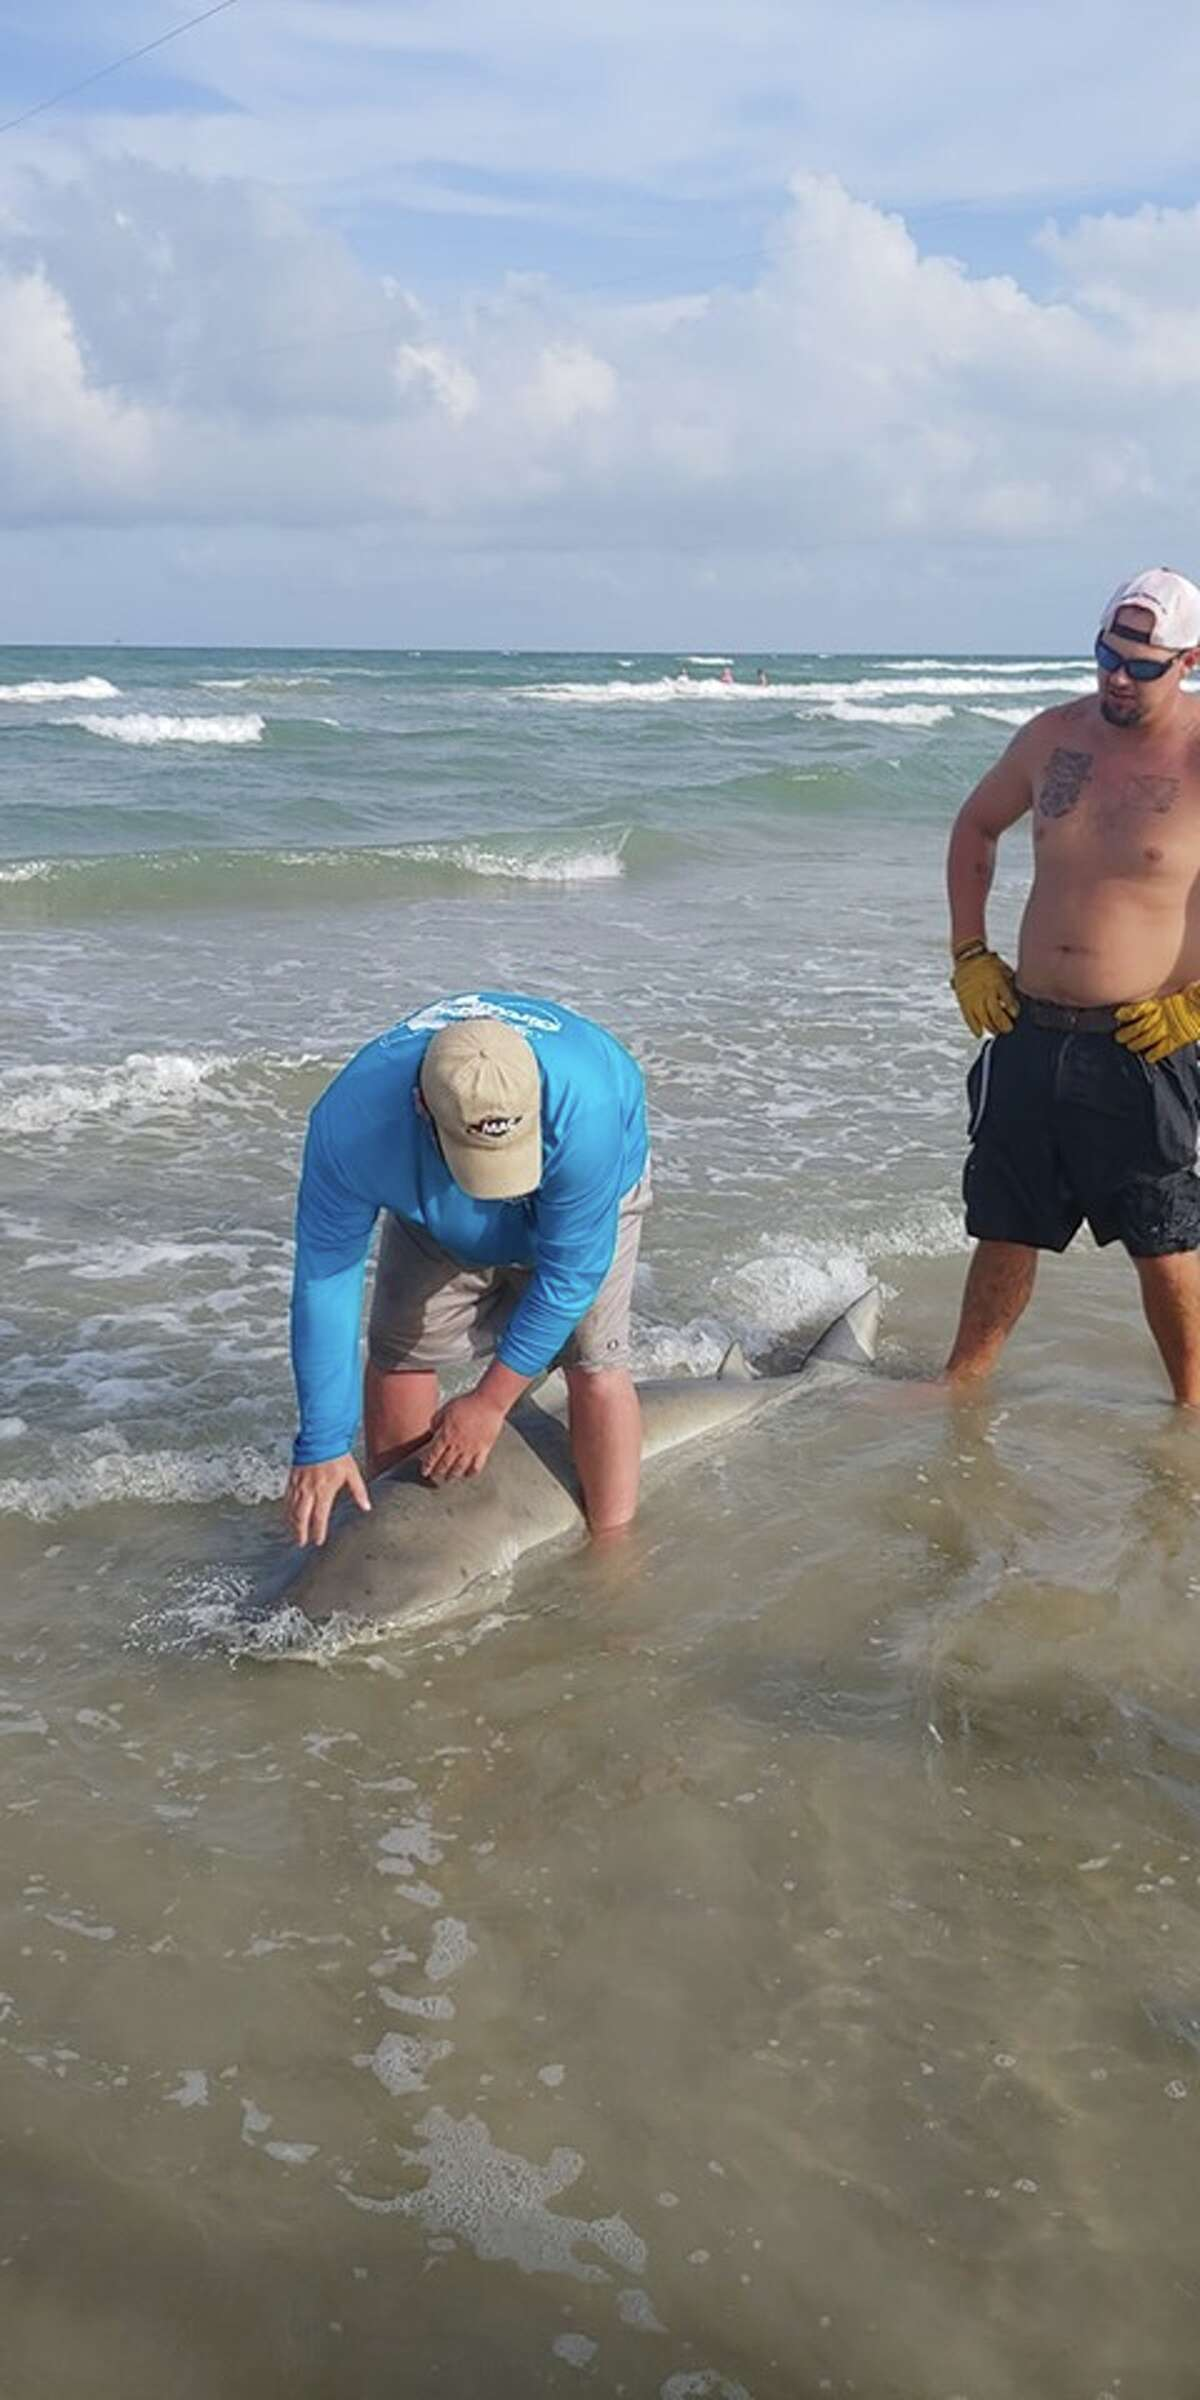 Jason Jenkins from Pleasanton caught a 7-foot-7 bull shark Sunday in Corpus Christi.